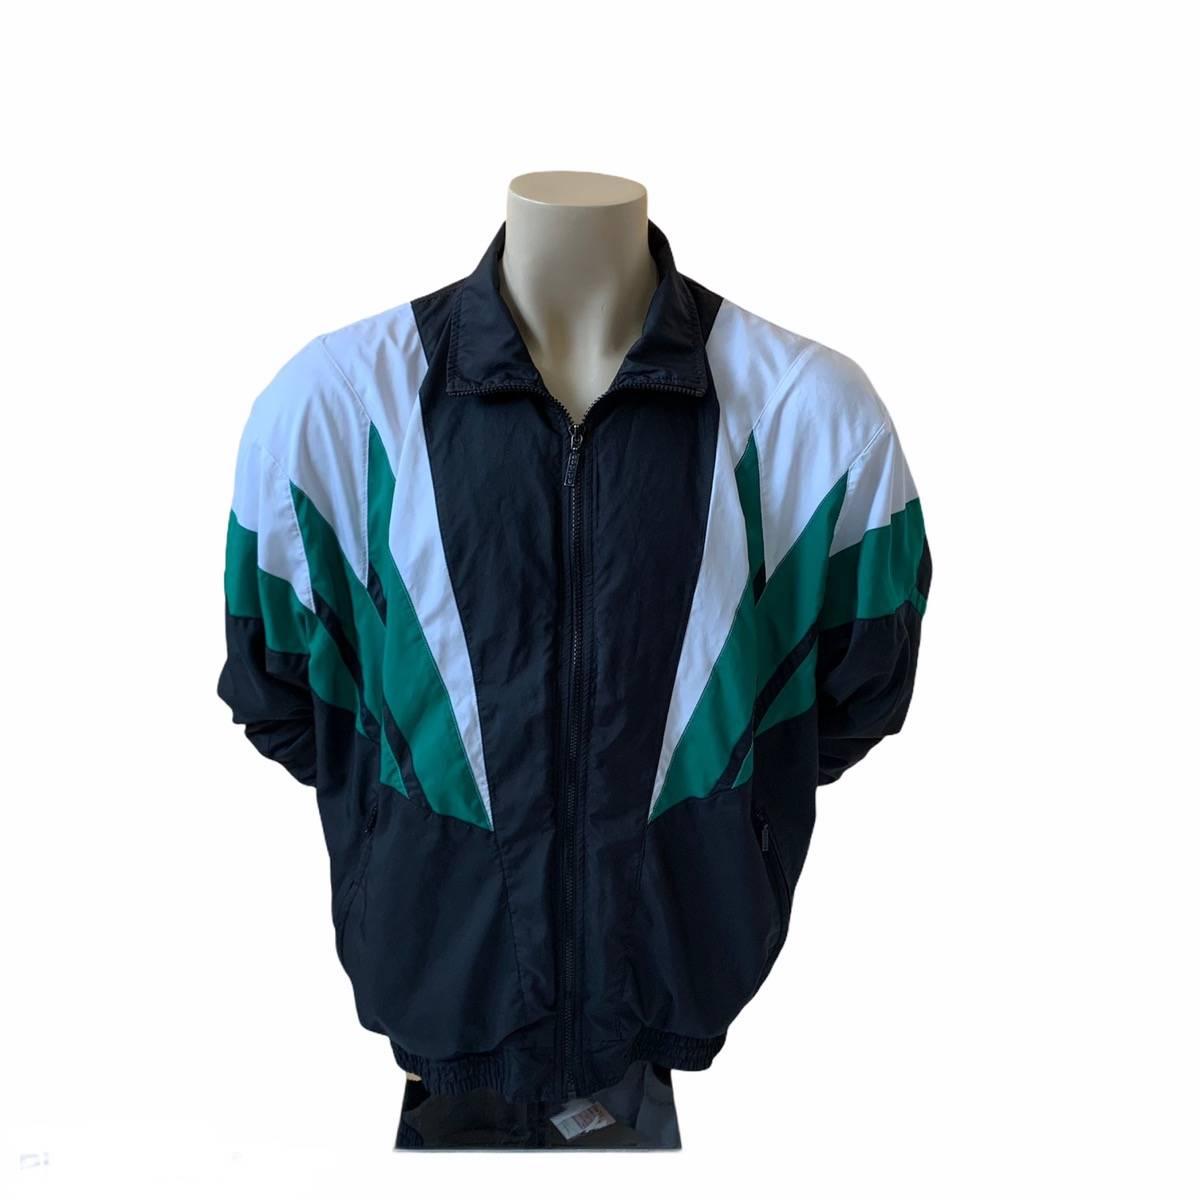 Vintage colorful Track jacket  Size Large 90s Green men windbreaker